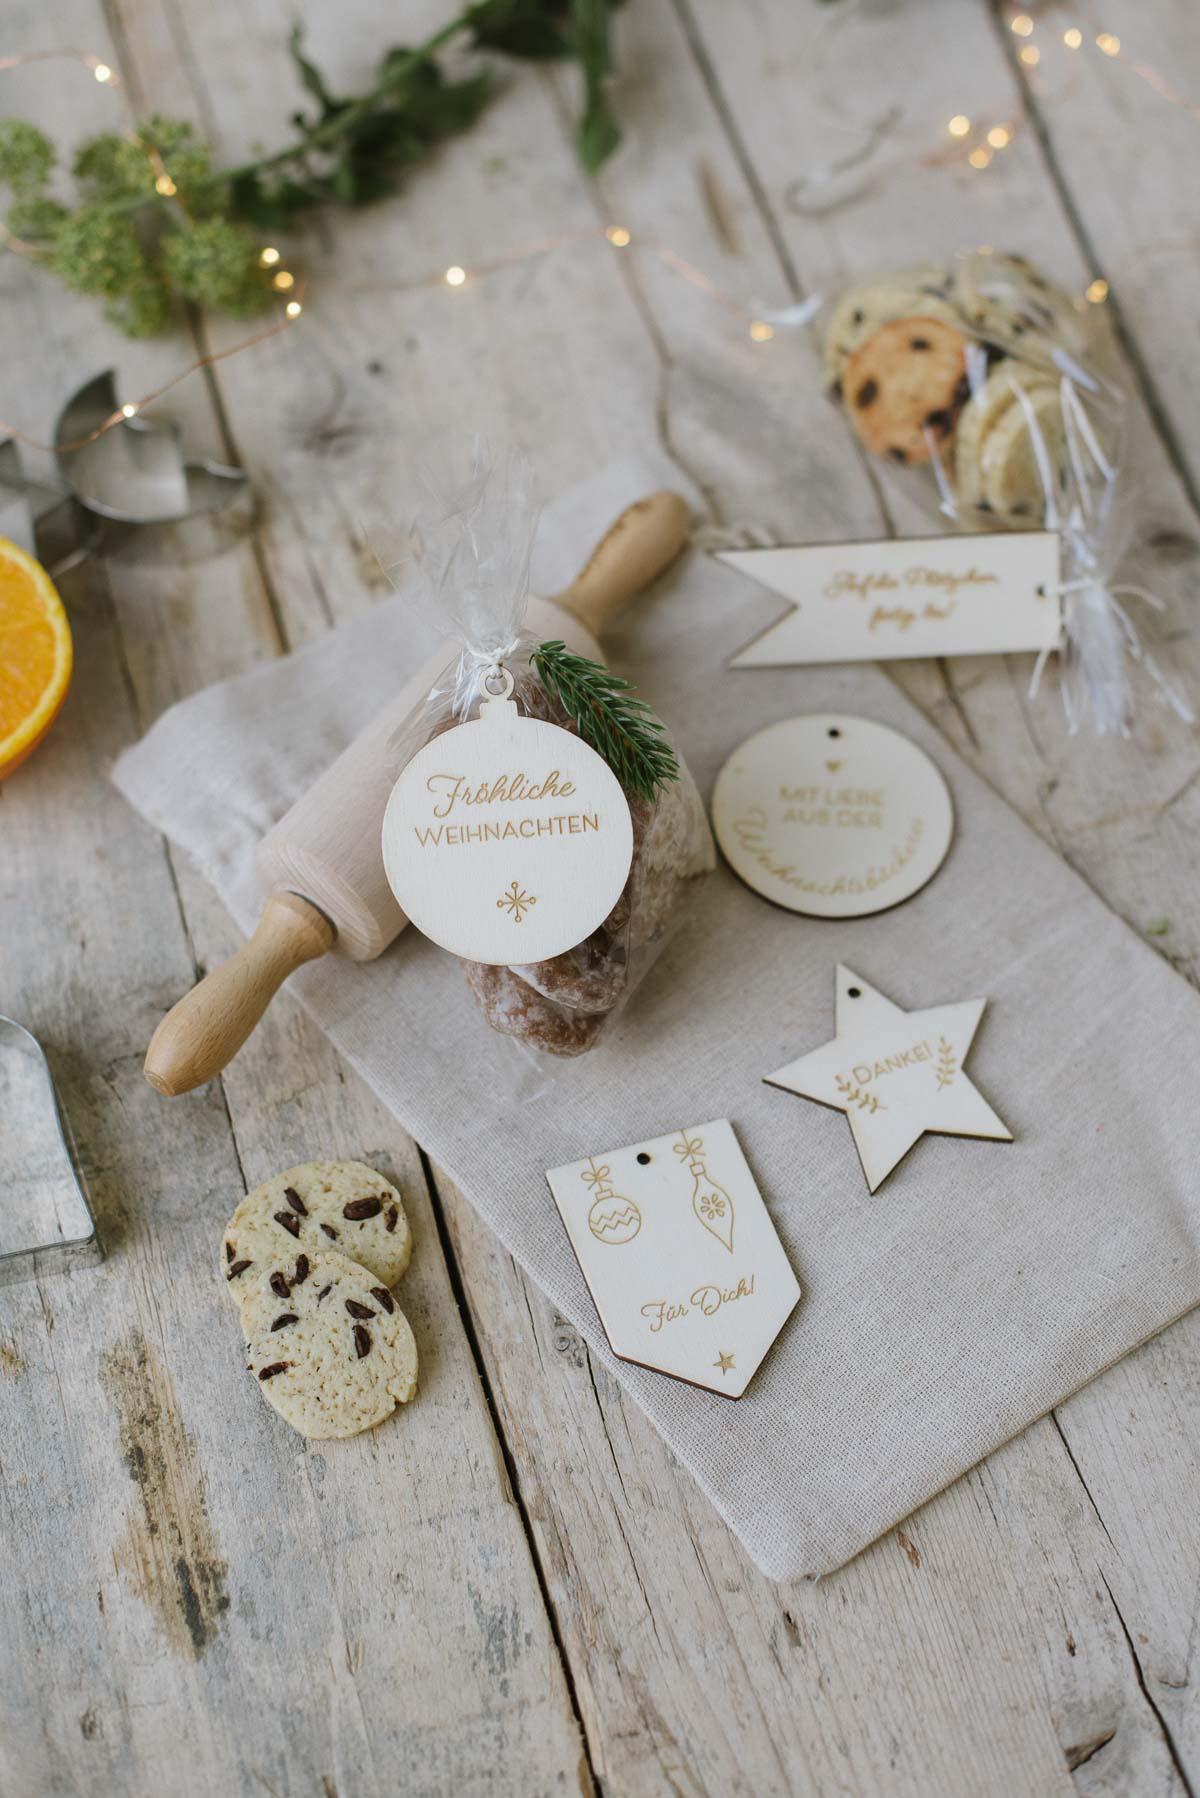 Gravierte Geschenkanhänger aus Holz für Plätzchen und Kekse